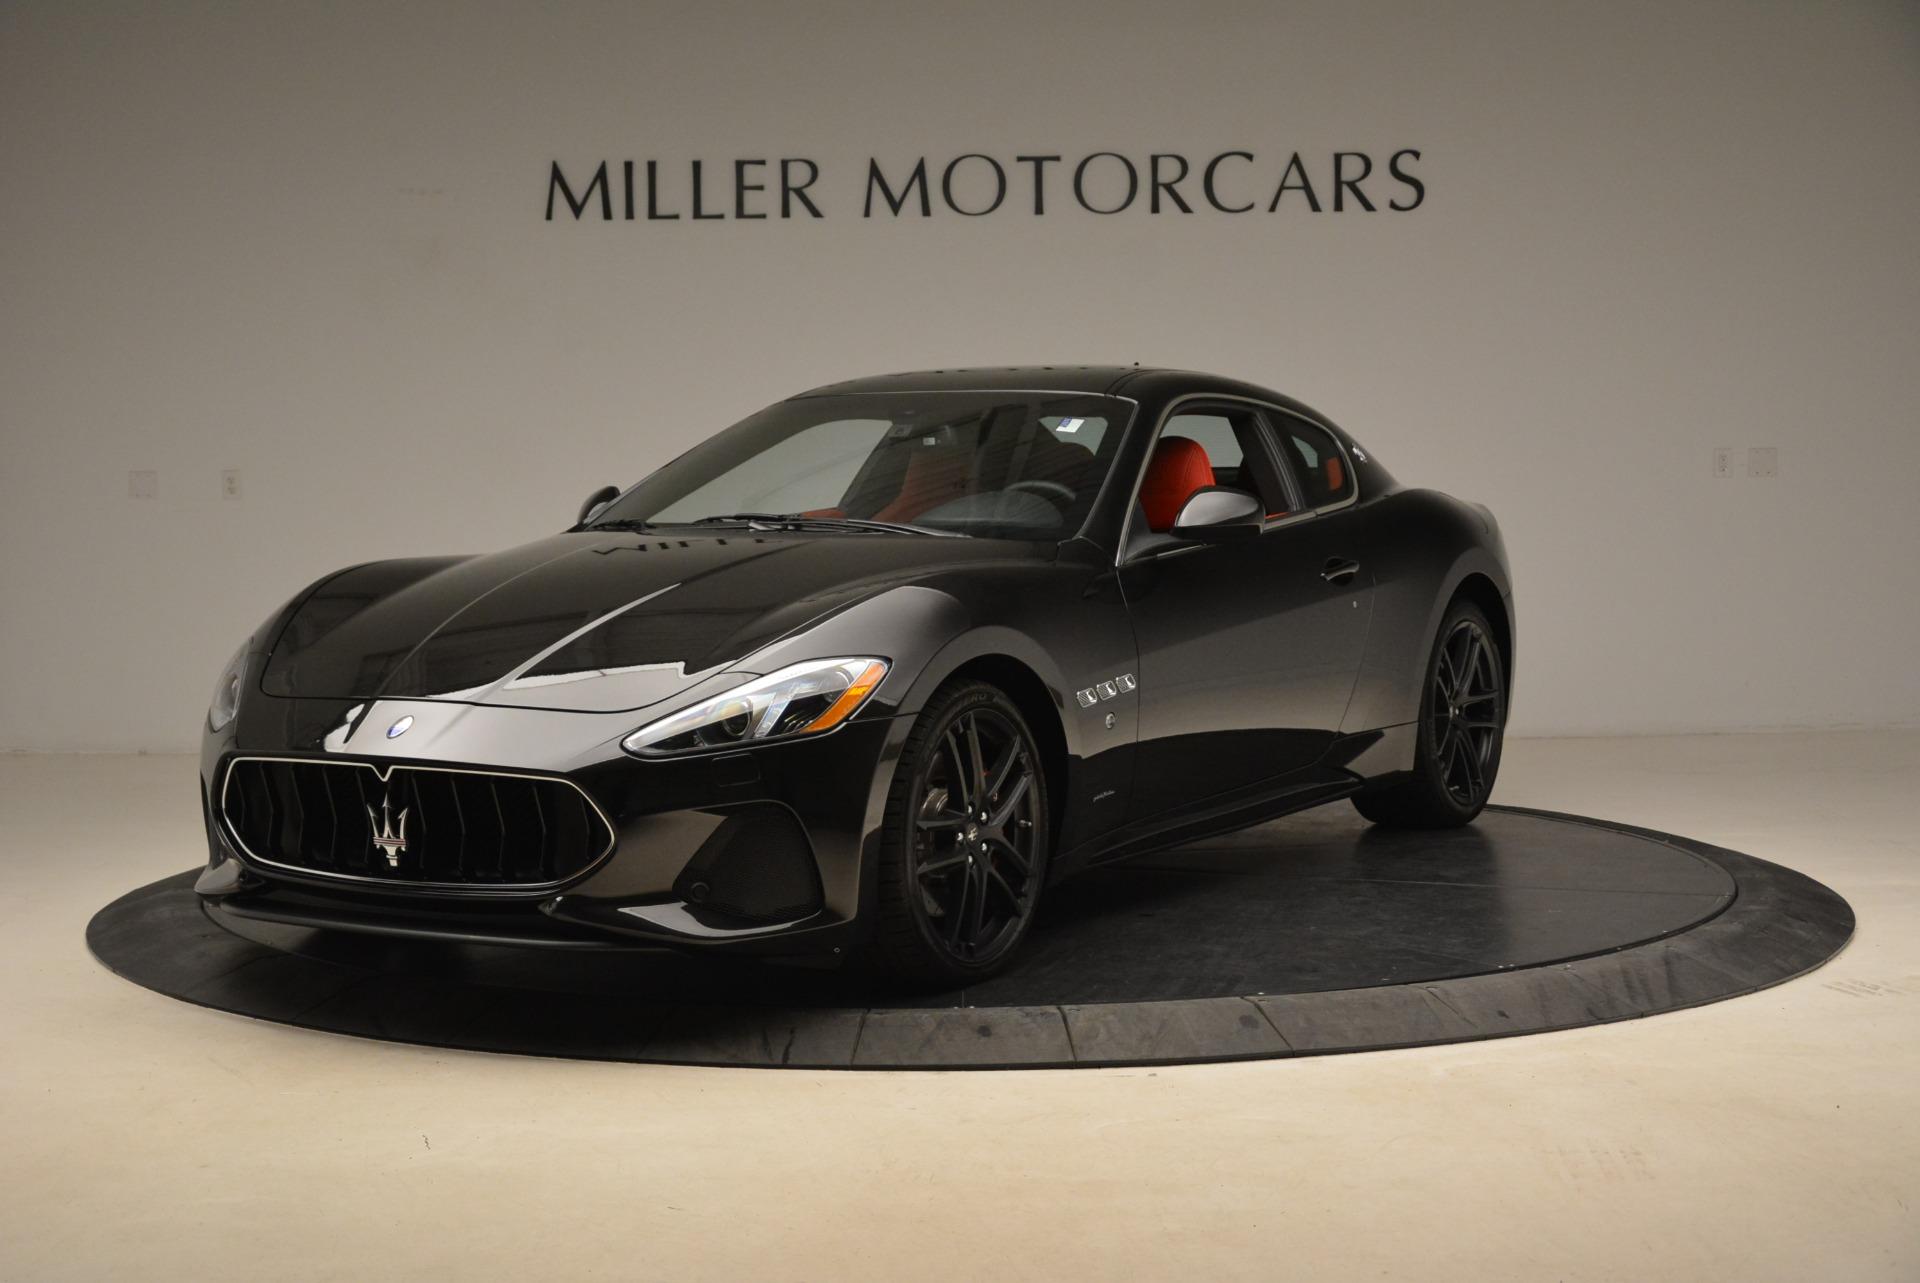 New 2018 Maserati GranTurismo Sport For Sale In Greenwich, CT 3059_main